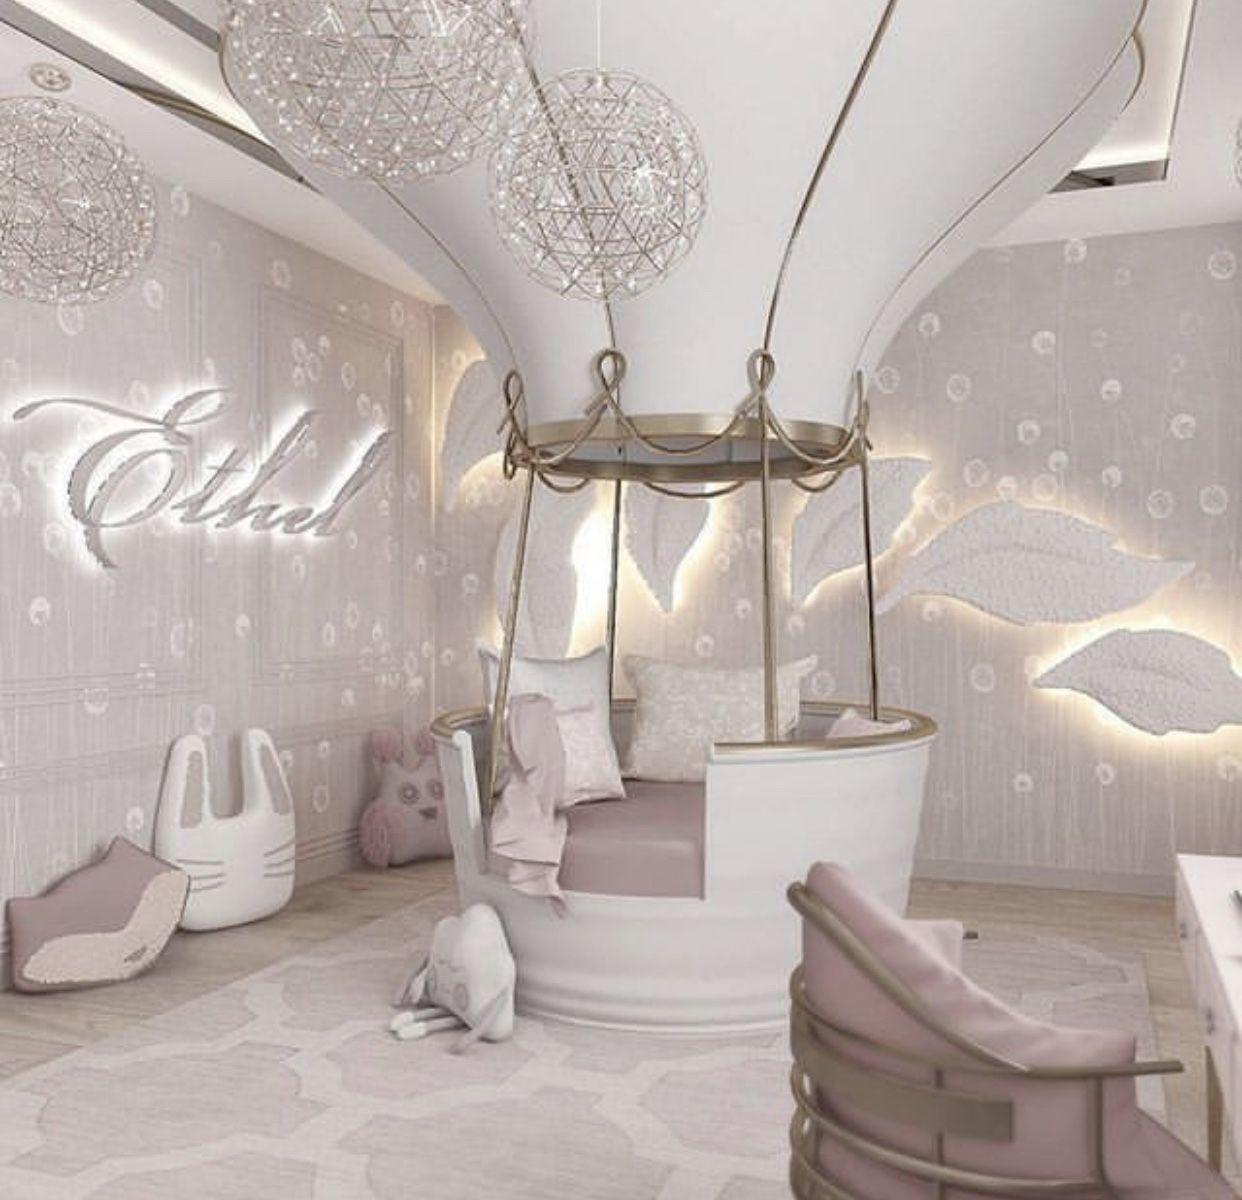 Boujee Luxury Bedroom Decor In 2020 Girl Room Baby Room Decor Girl Bedroom Designs Luxury baby bedroom design